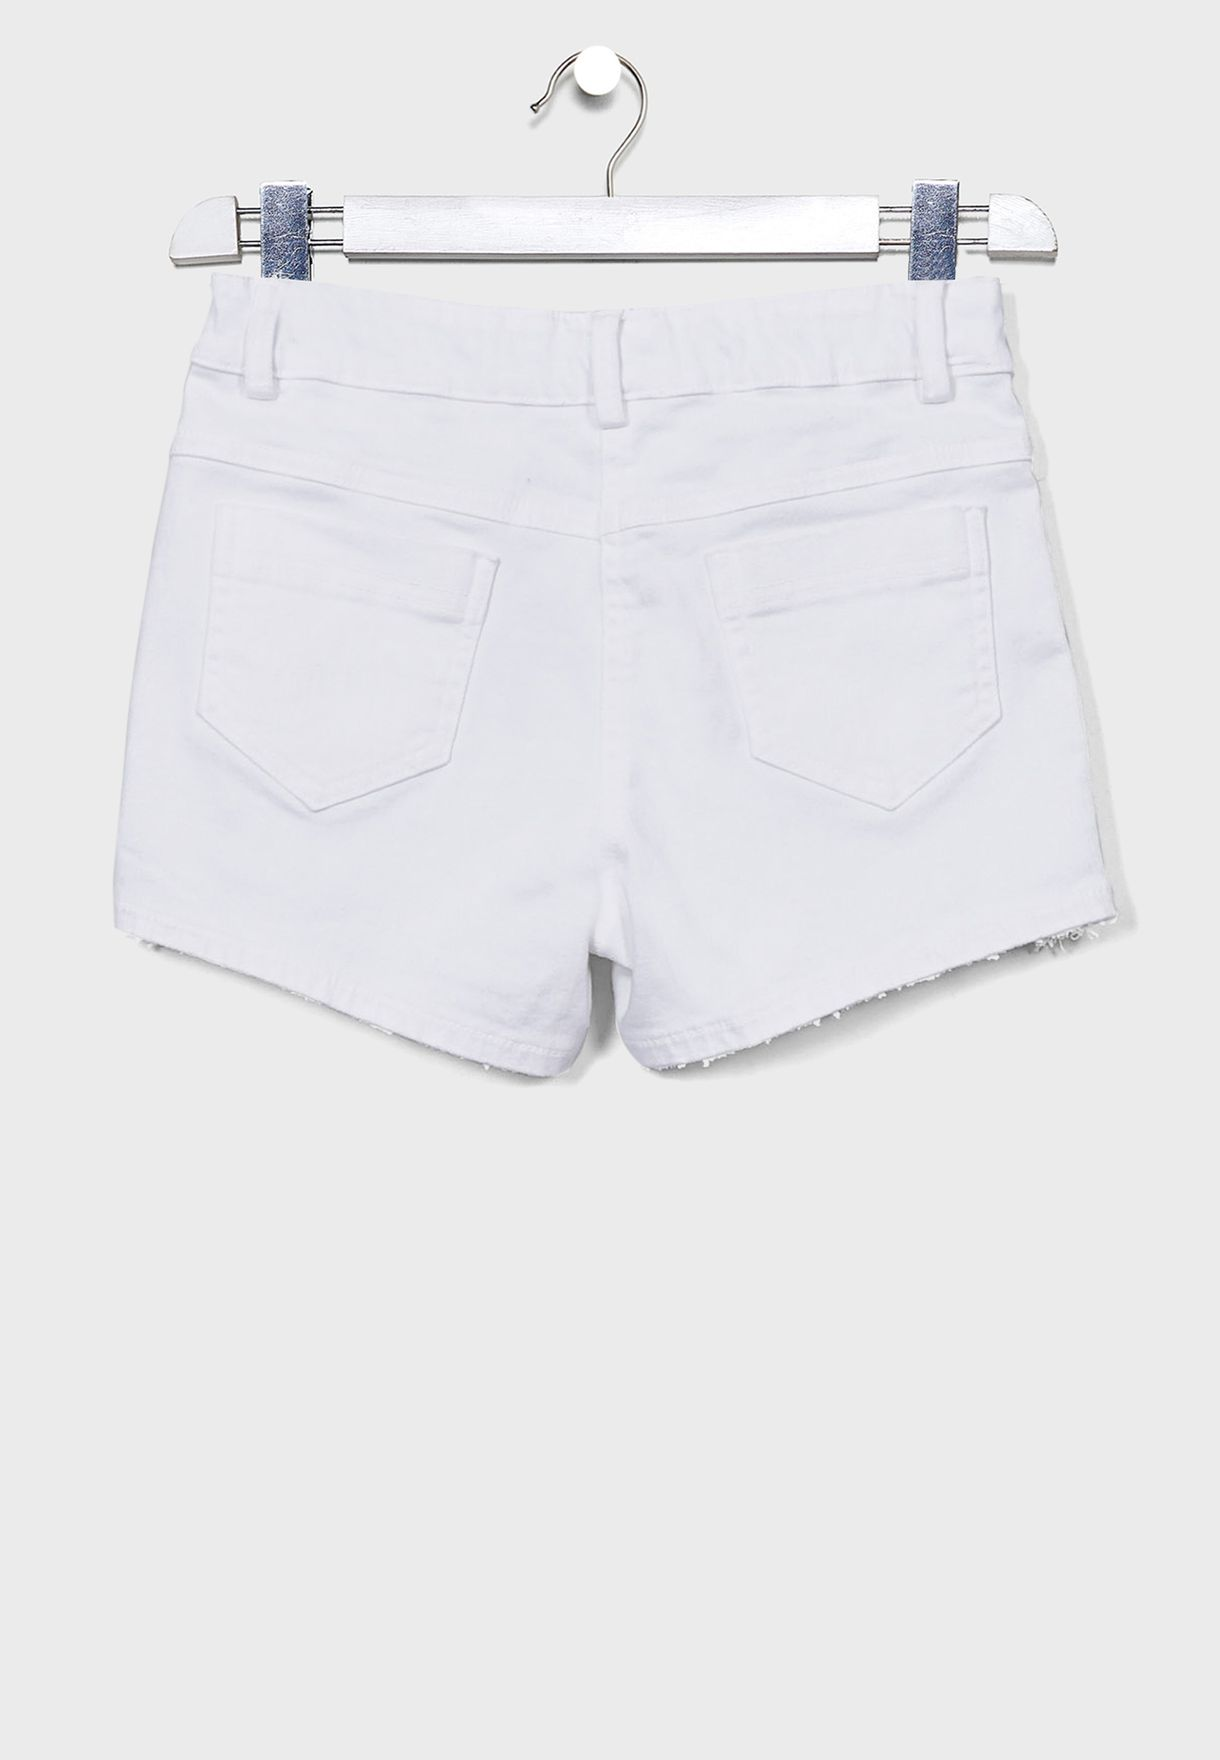 Kids Hem Ruffle Shorts